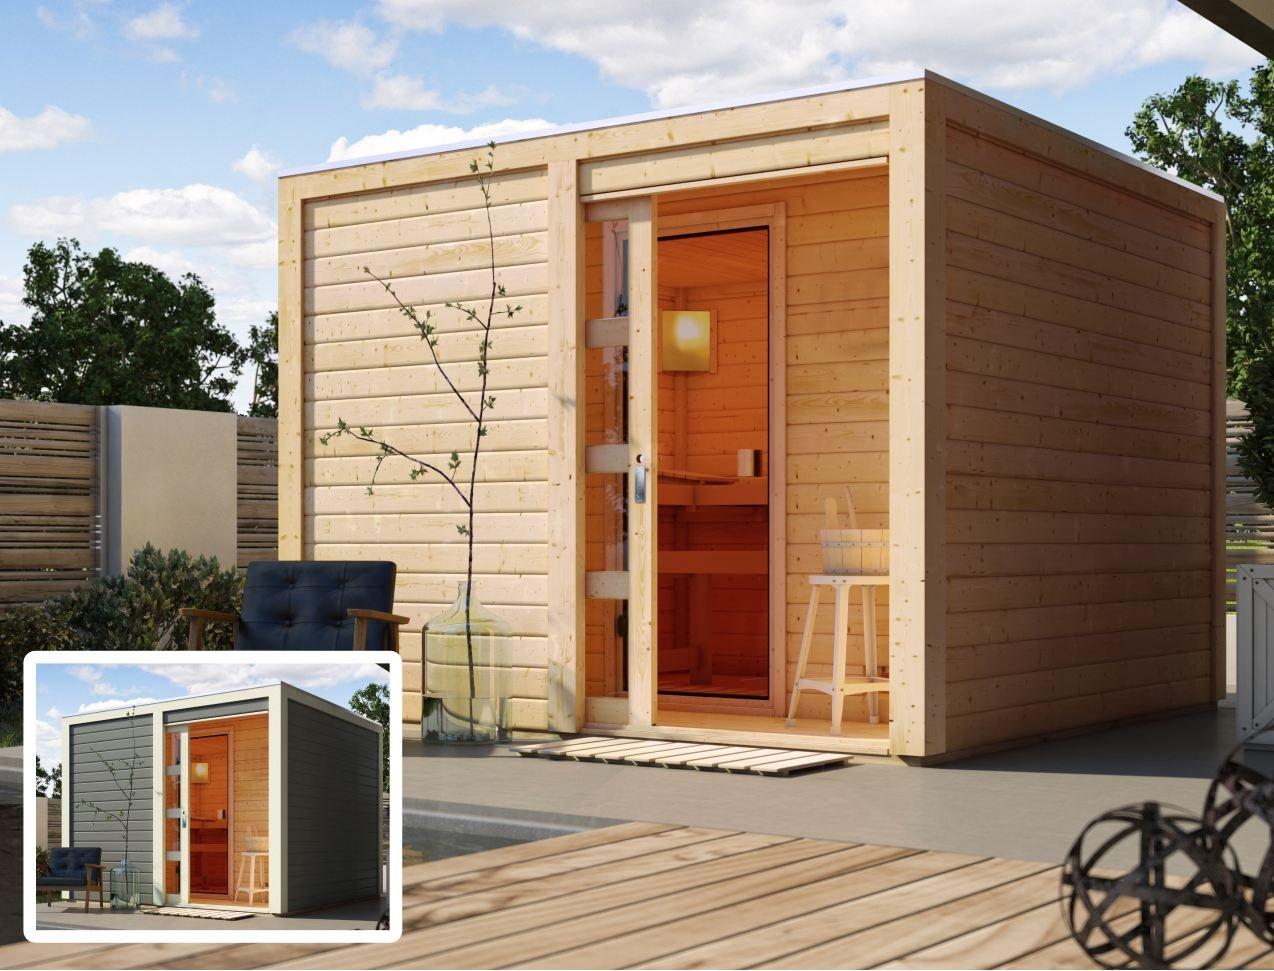 Full Size of Gartensauna Bausatz Karibu Cuben Gratis Zubehrpaket Bis Zu 270 Wohnzimmer Gartensauna Bausatz